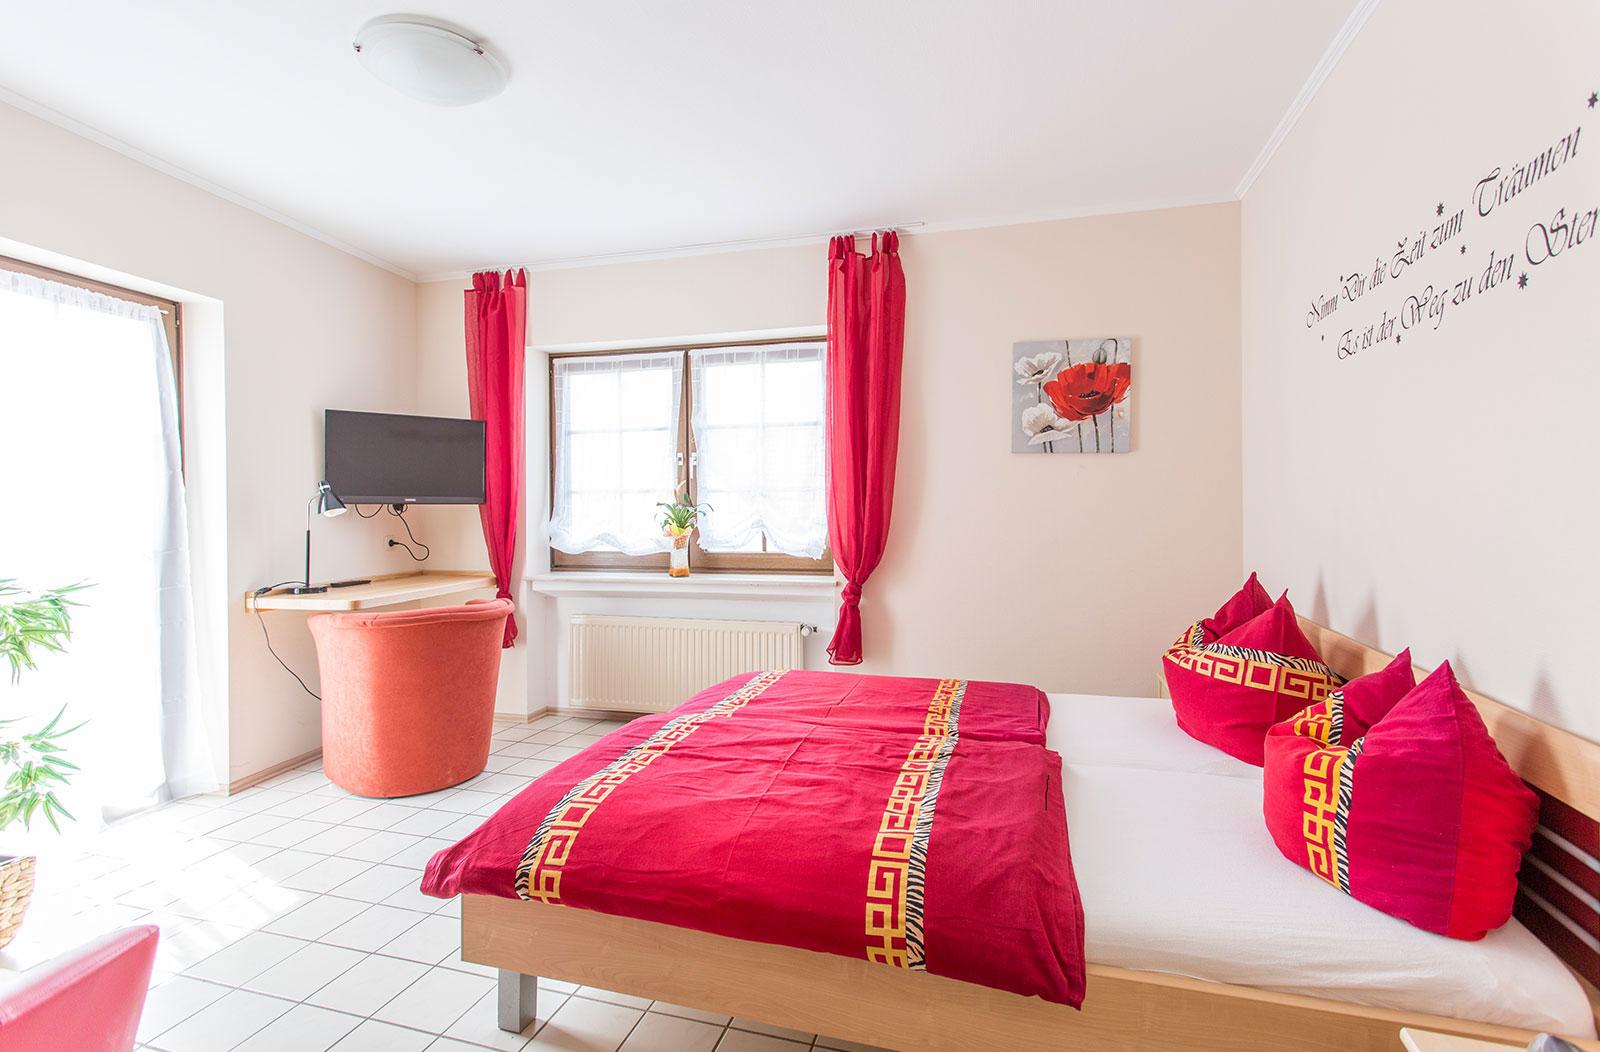 hotels_holzwurm_left-image_1600x1052